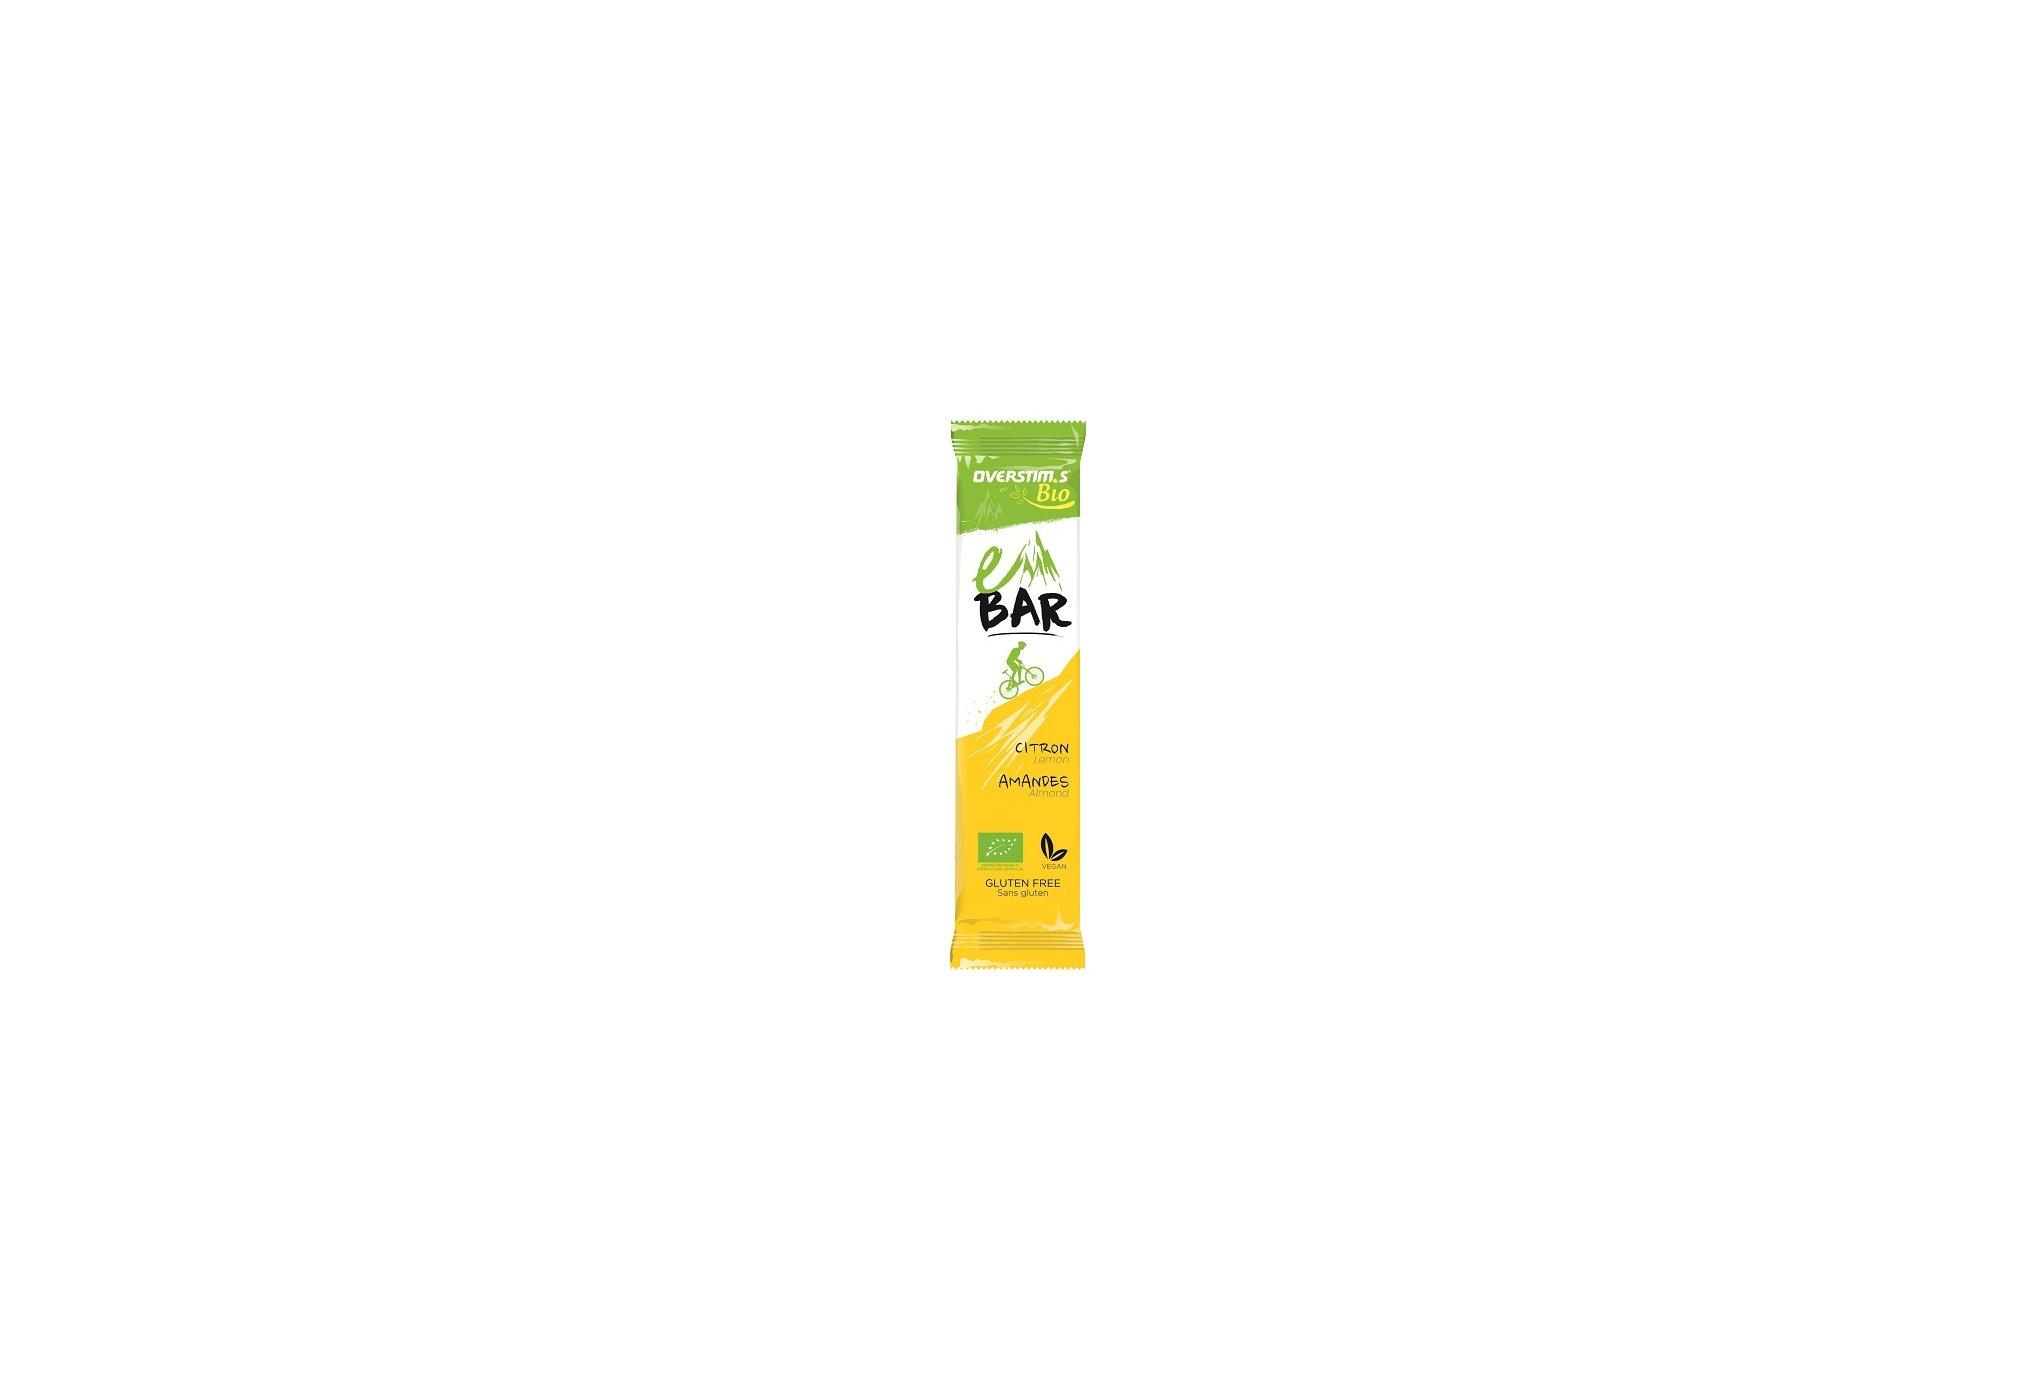 OVERSTIMS e-Bar Bio - Citron Diététique Barres